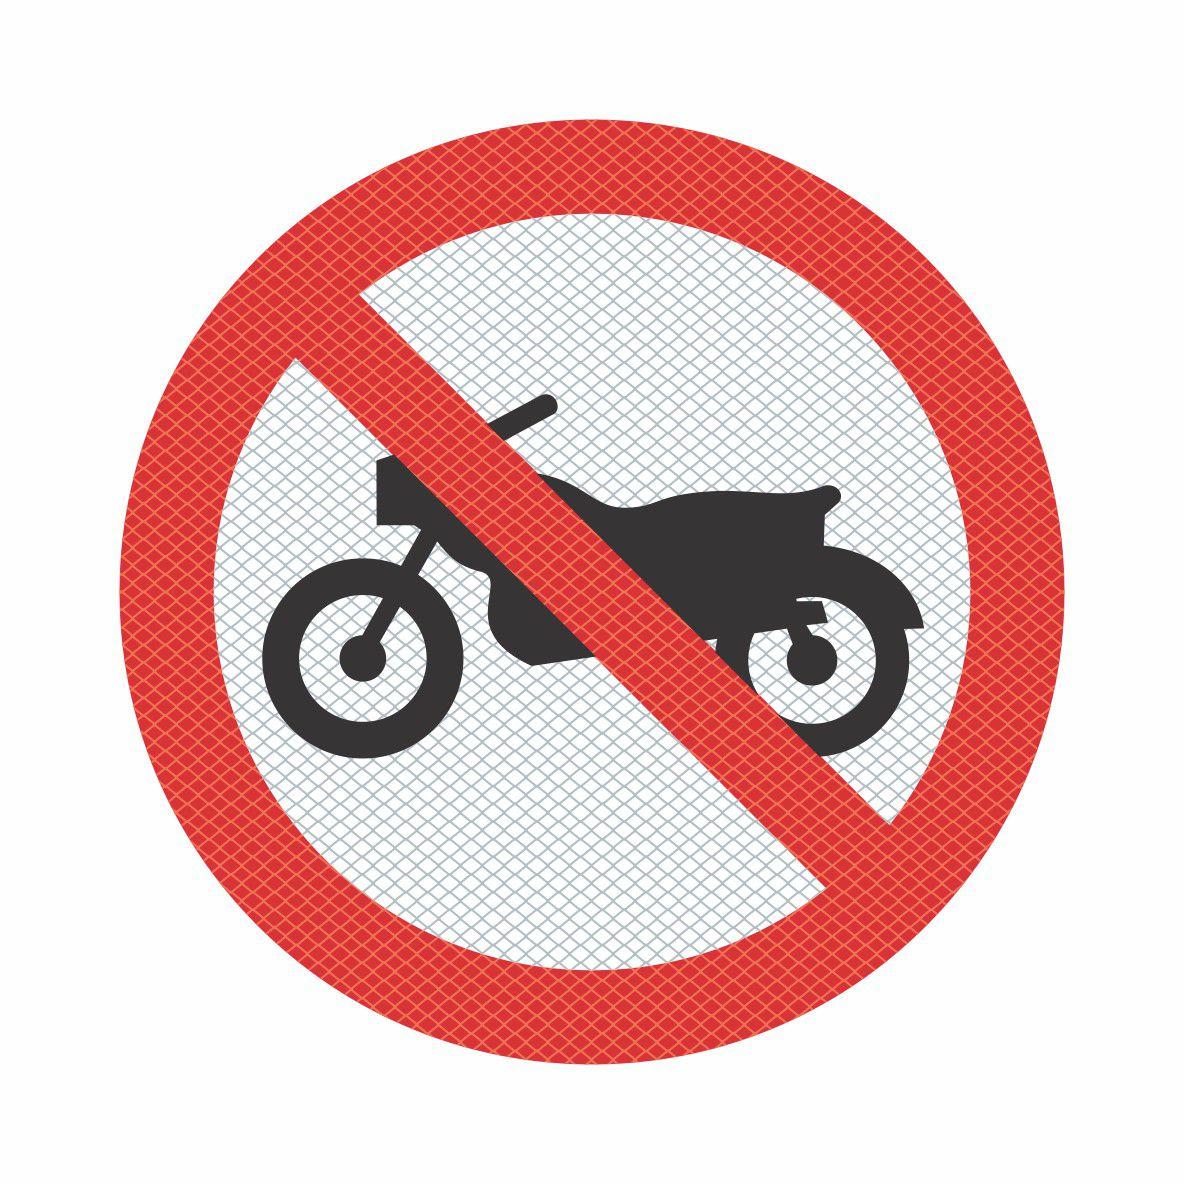 R-37 - Proibido Trânsito de Motocicletas, Motonetas e Ciclomotores  - Towbar Sinalização de Segurança